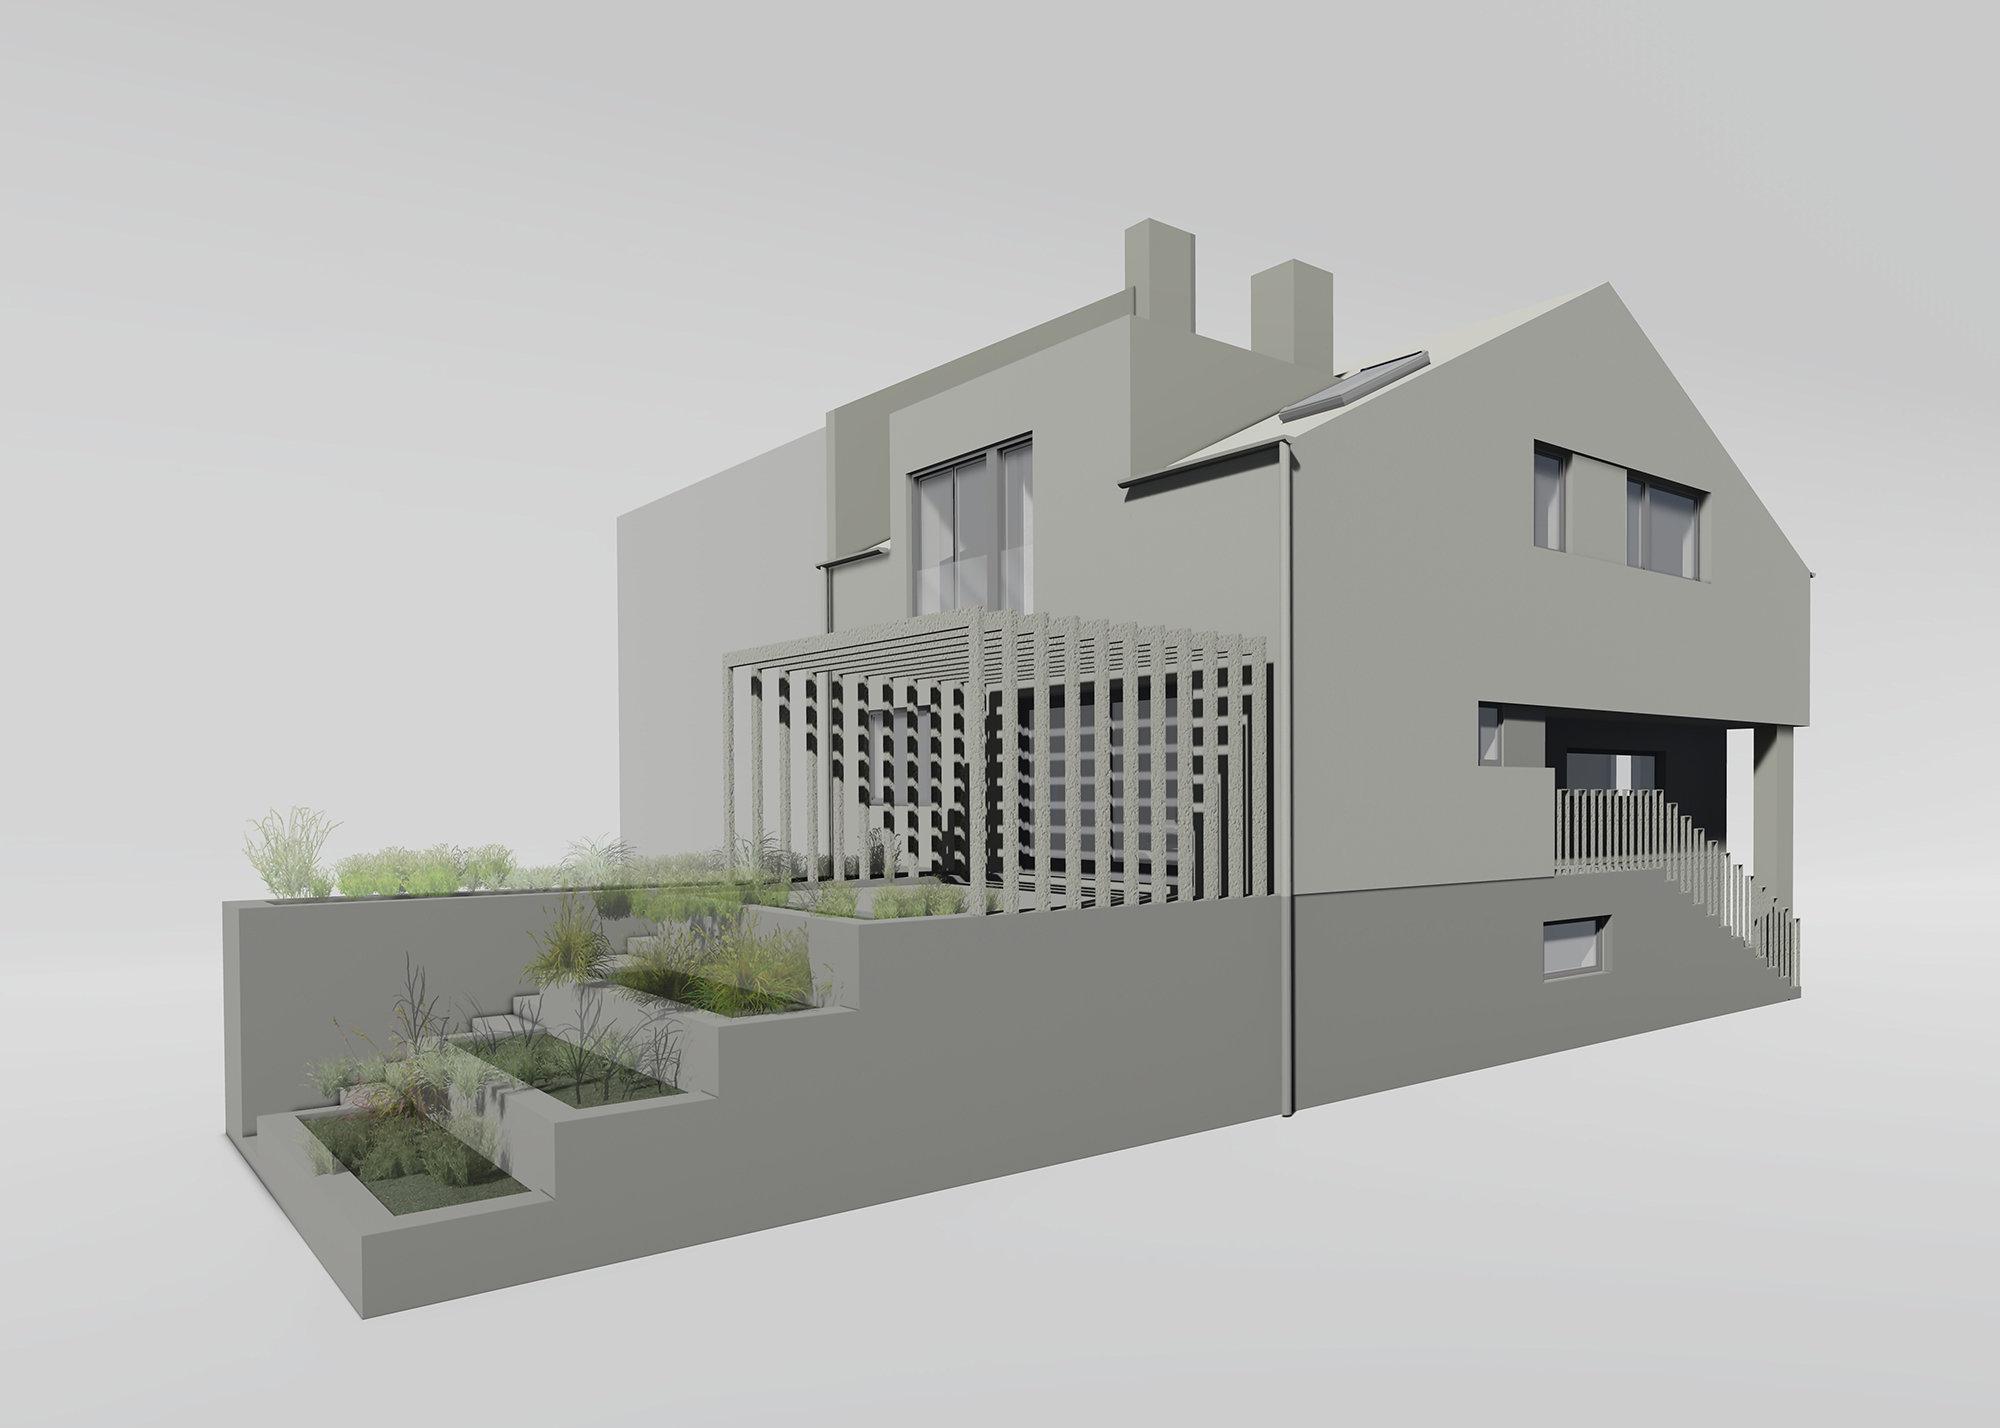 Projekt - Obiteljska kuća G